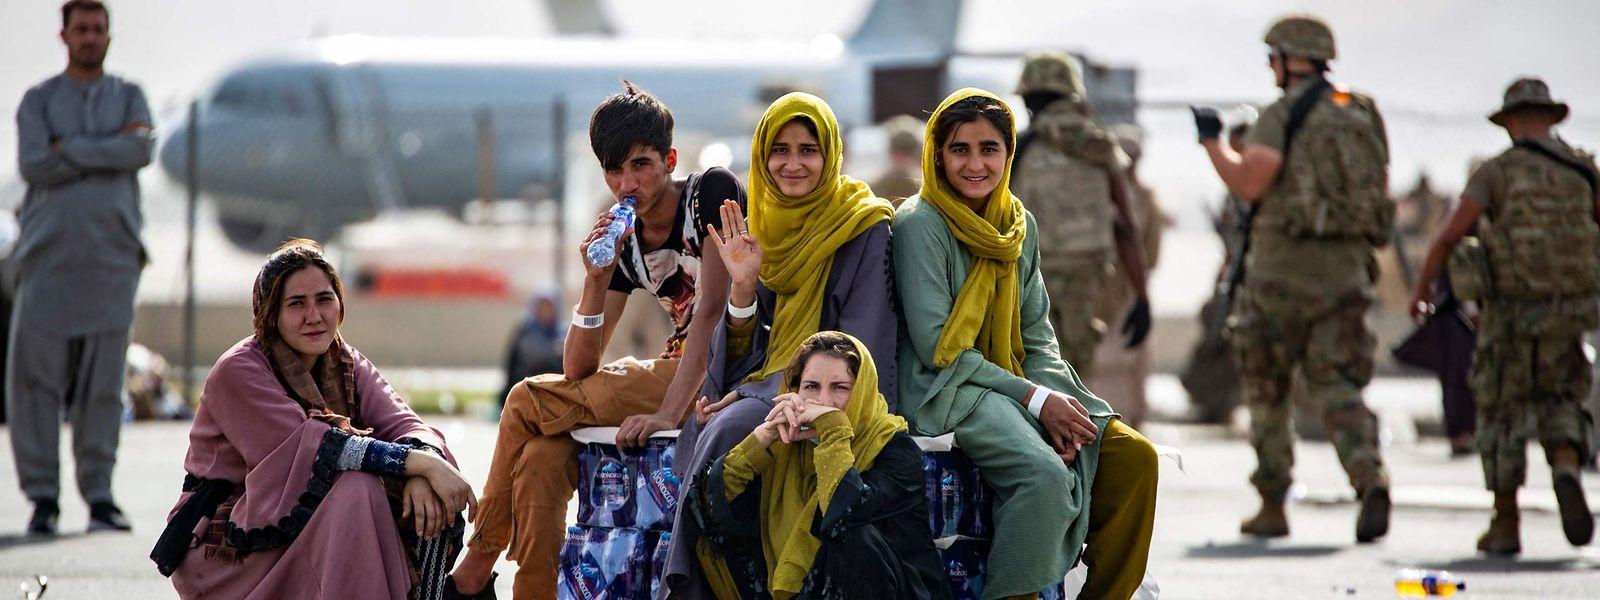 Selon Jean Asselborn, plus de 7.000 personnes se presseraient devant les grilles de l'aéroport de Kaboul, espérant quitter l'Afghanistan.